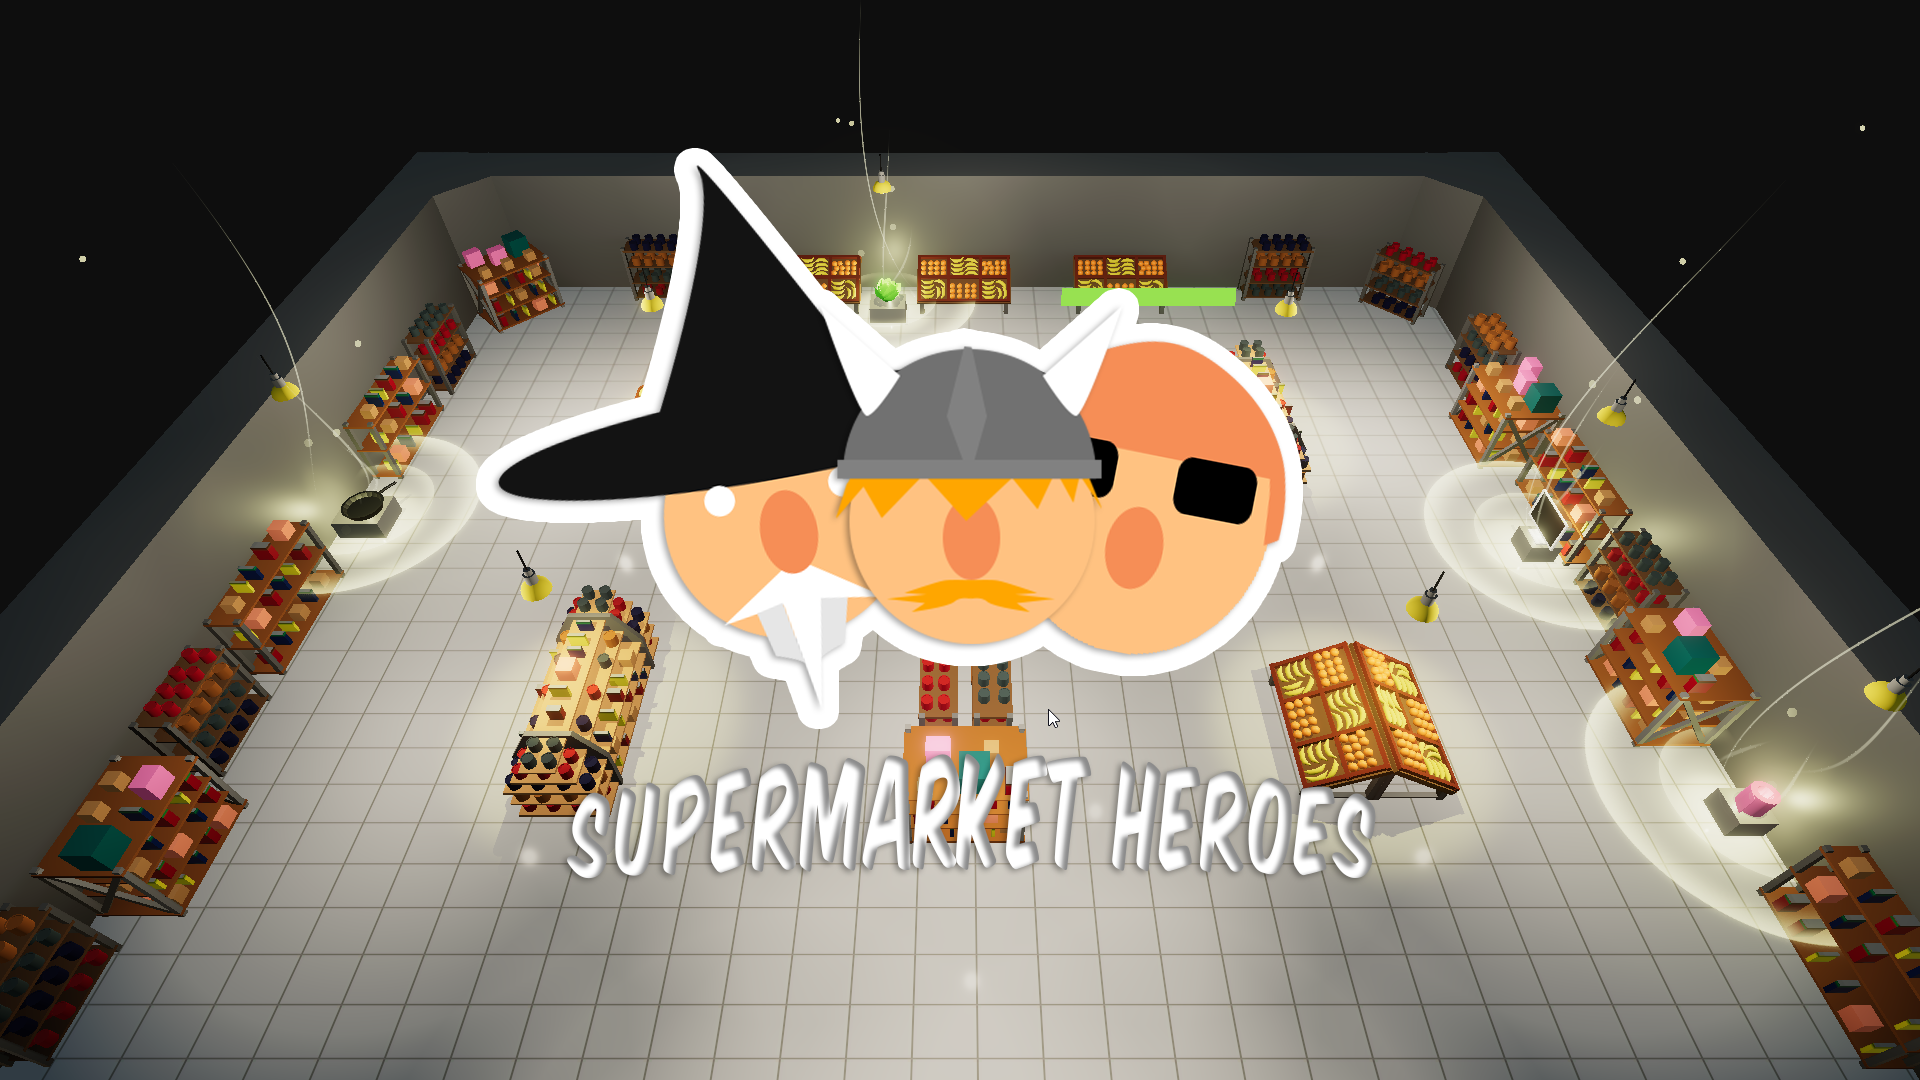 Supermarket Heroes